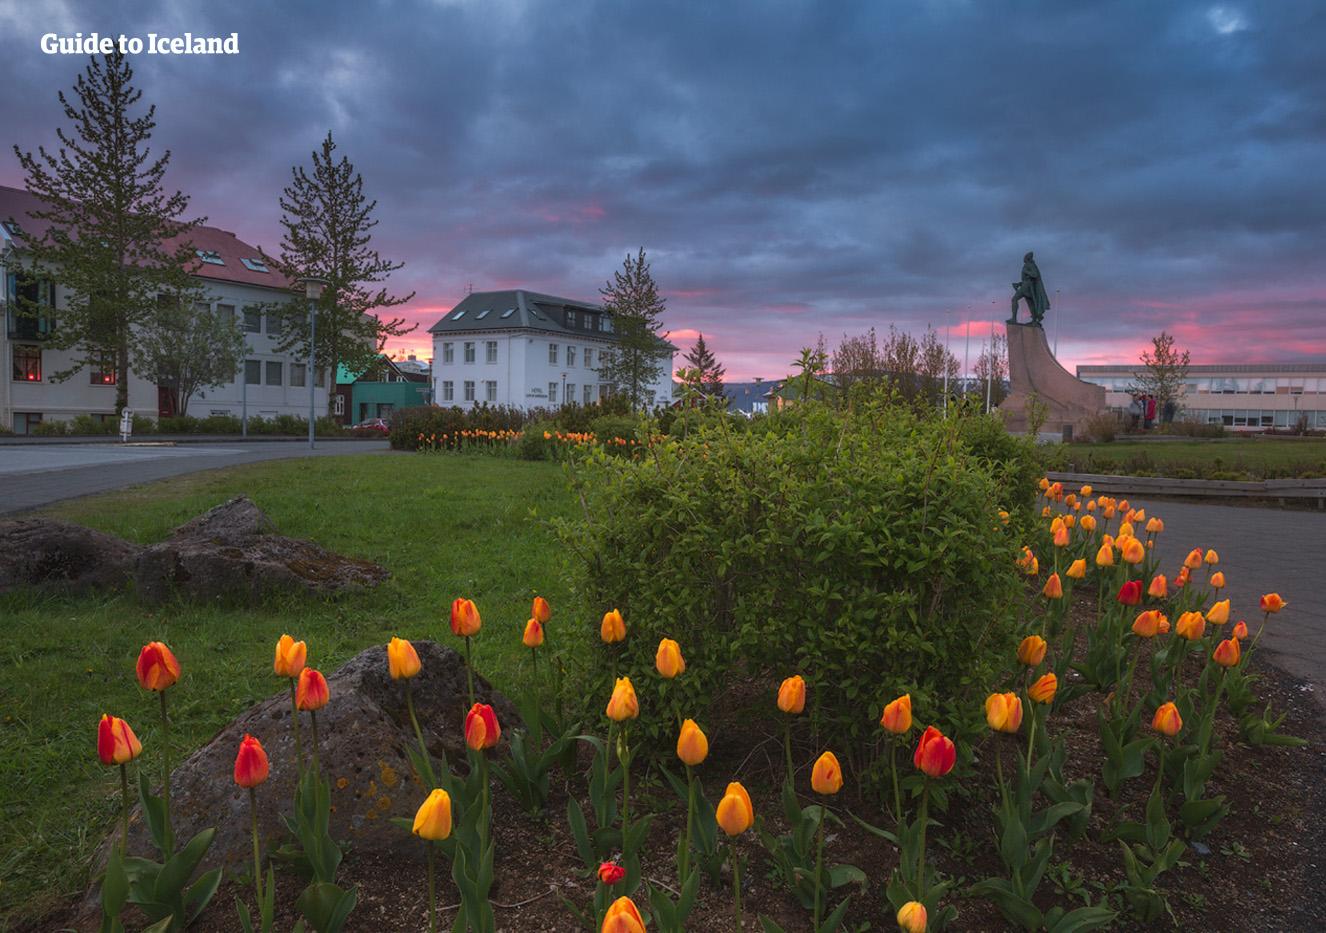 7 dni, samodzielna podróż | Wycieczka po Islandii wraz z interiorem - day 7